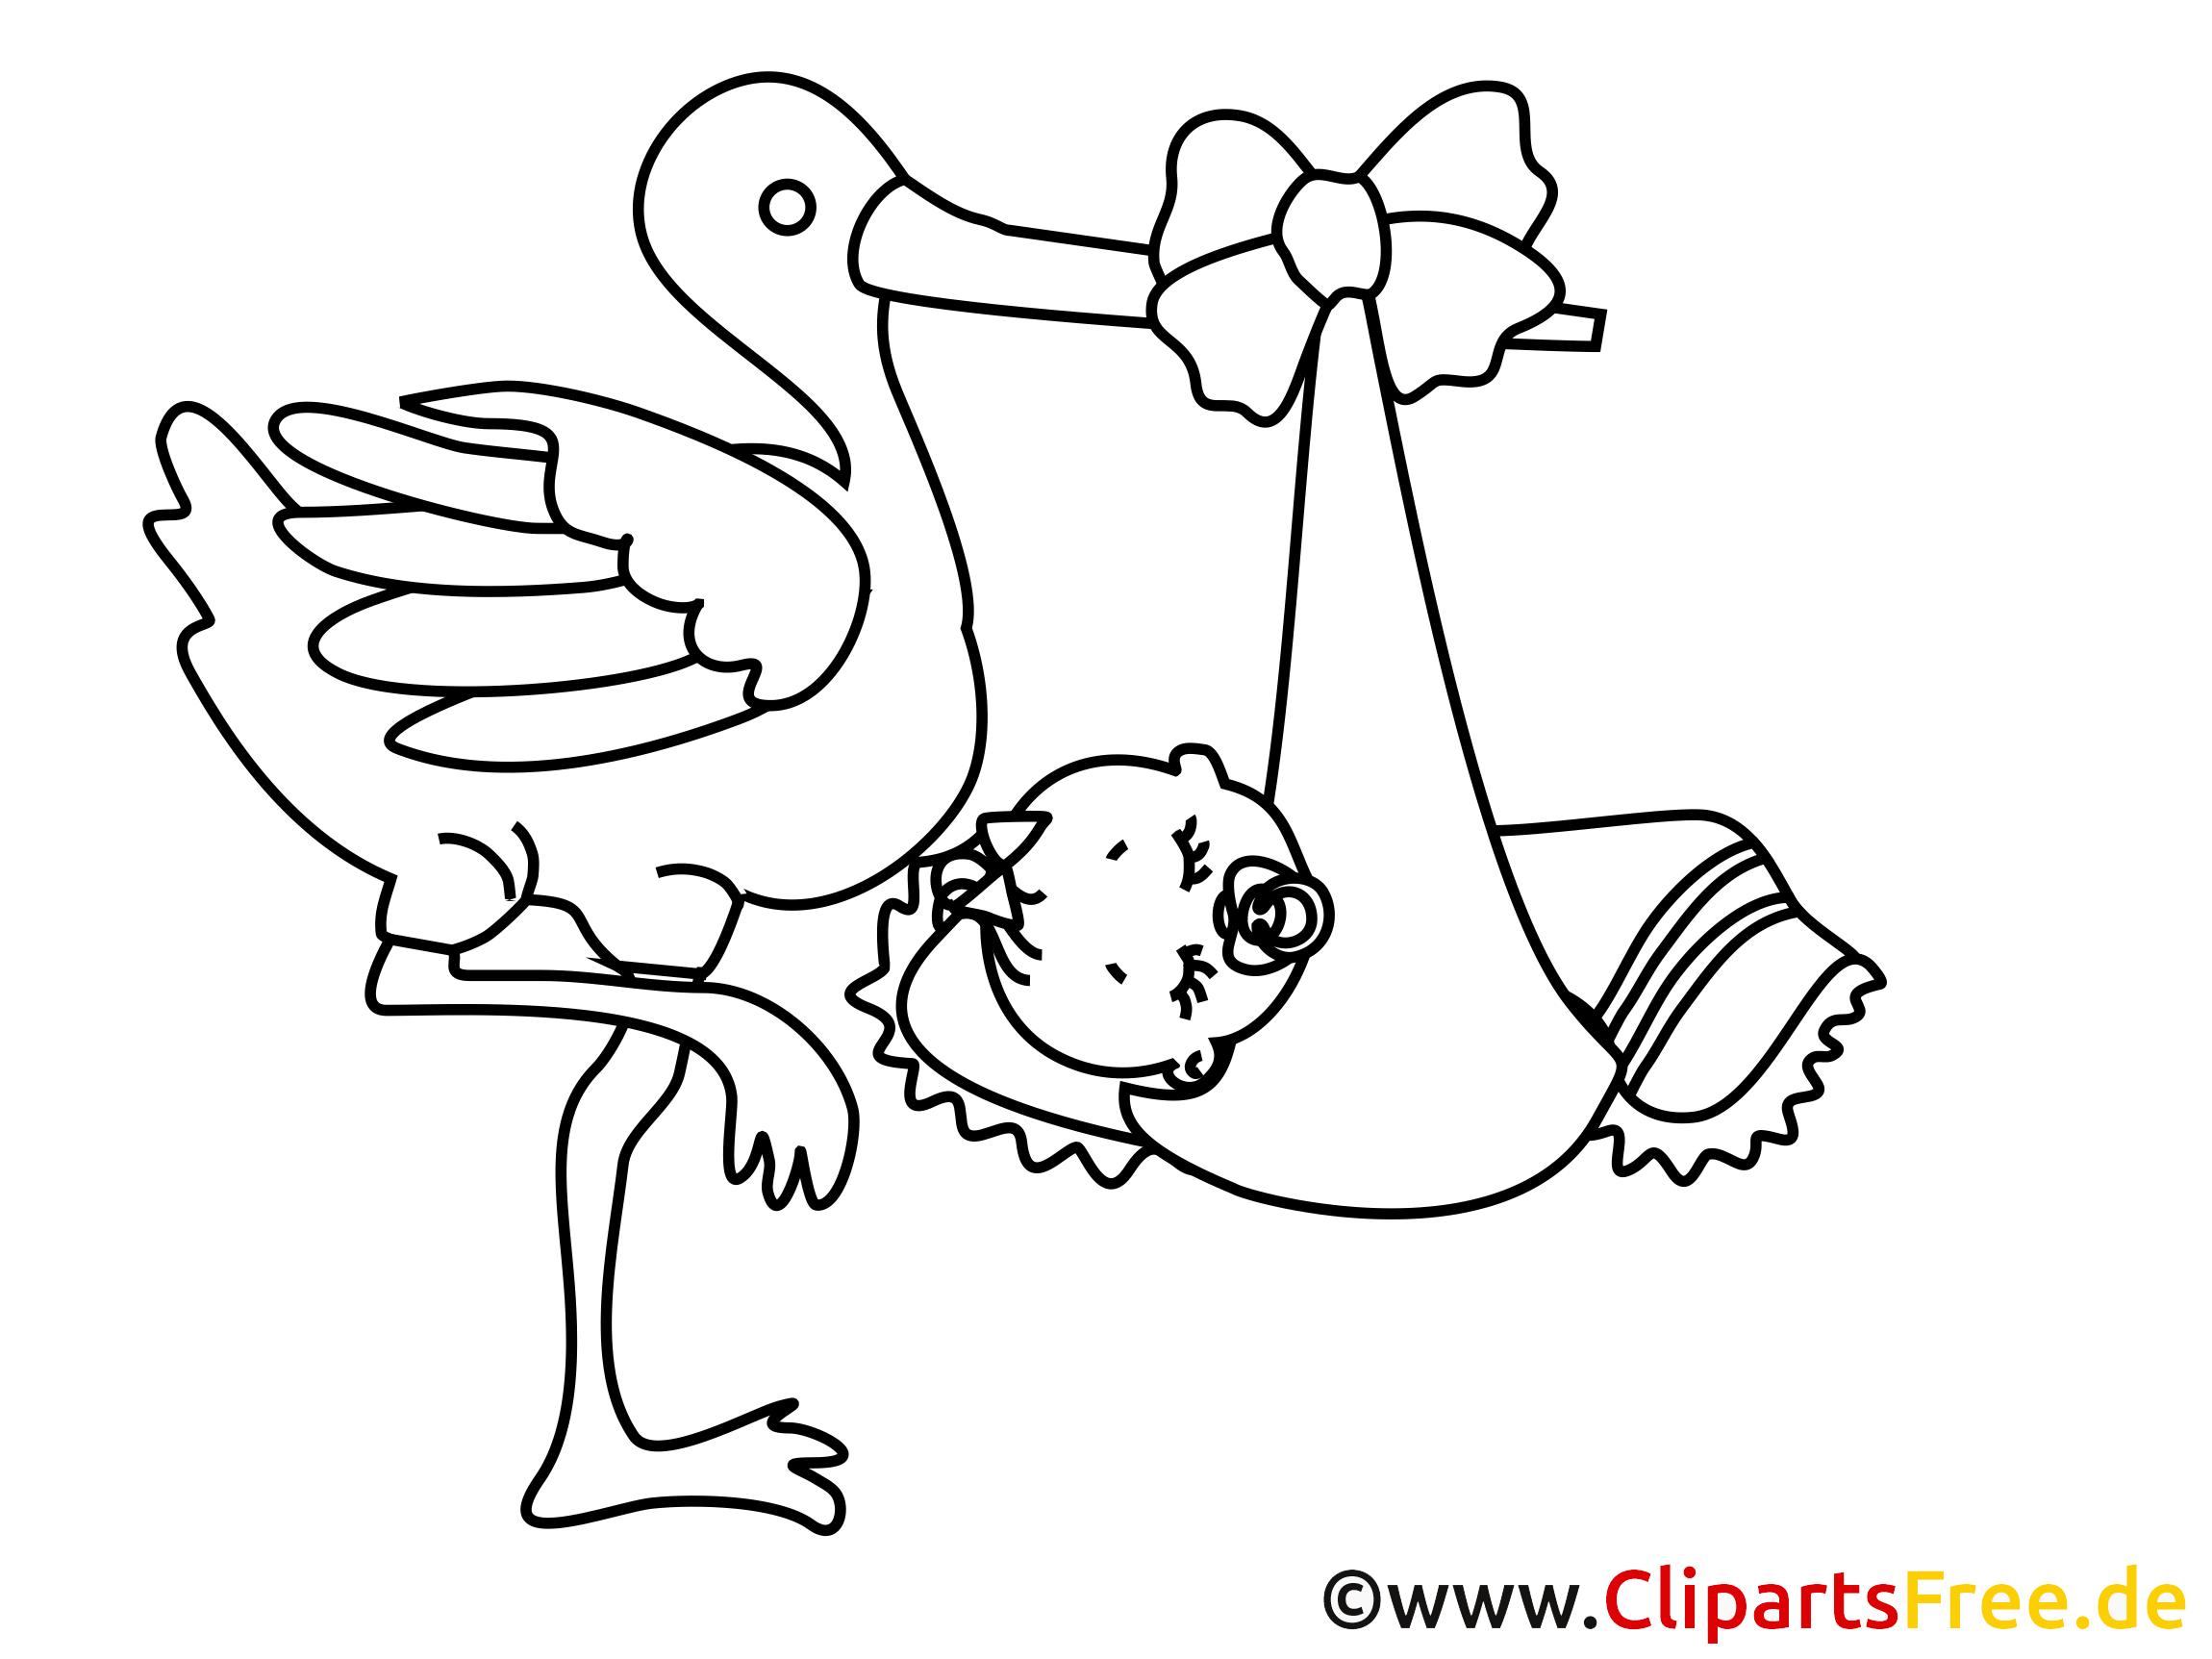 Storch Mit Kind Gratis Malvorlage Malvorlagen Ausmalbilder Gratis Malvorlagen Fur Kinder